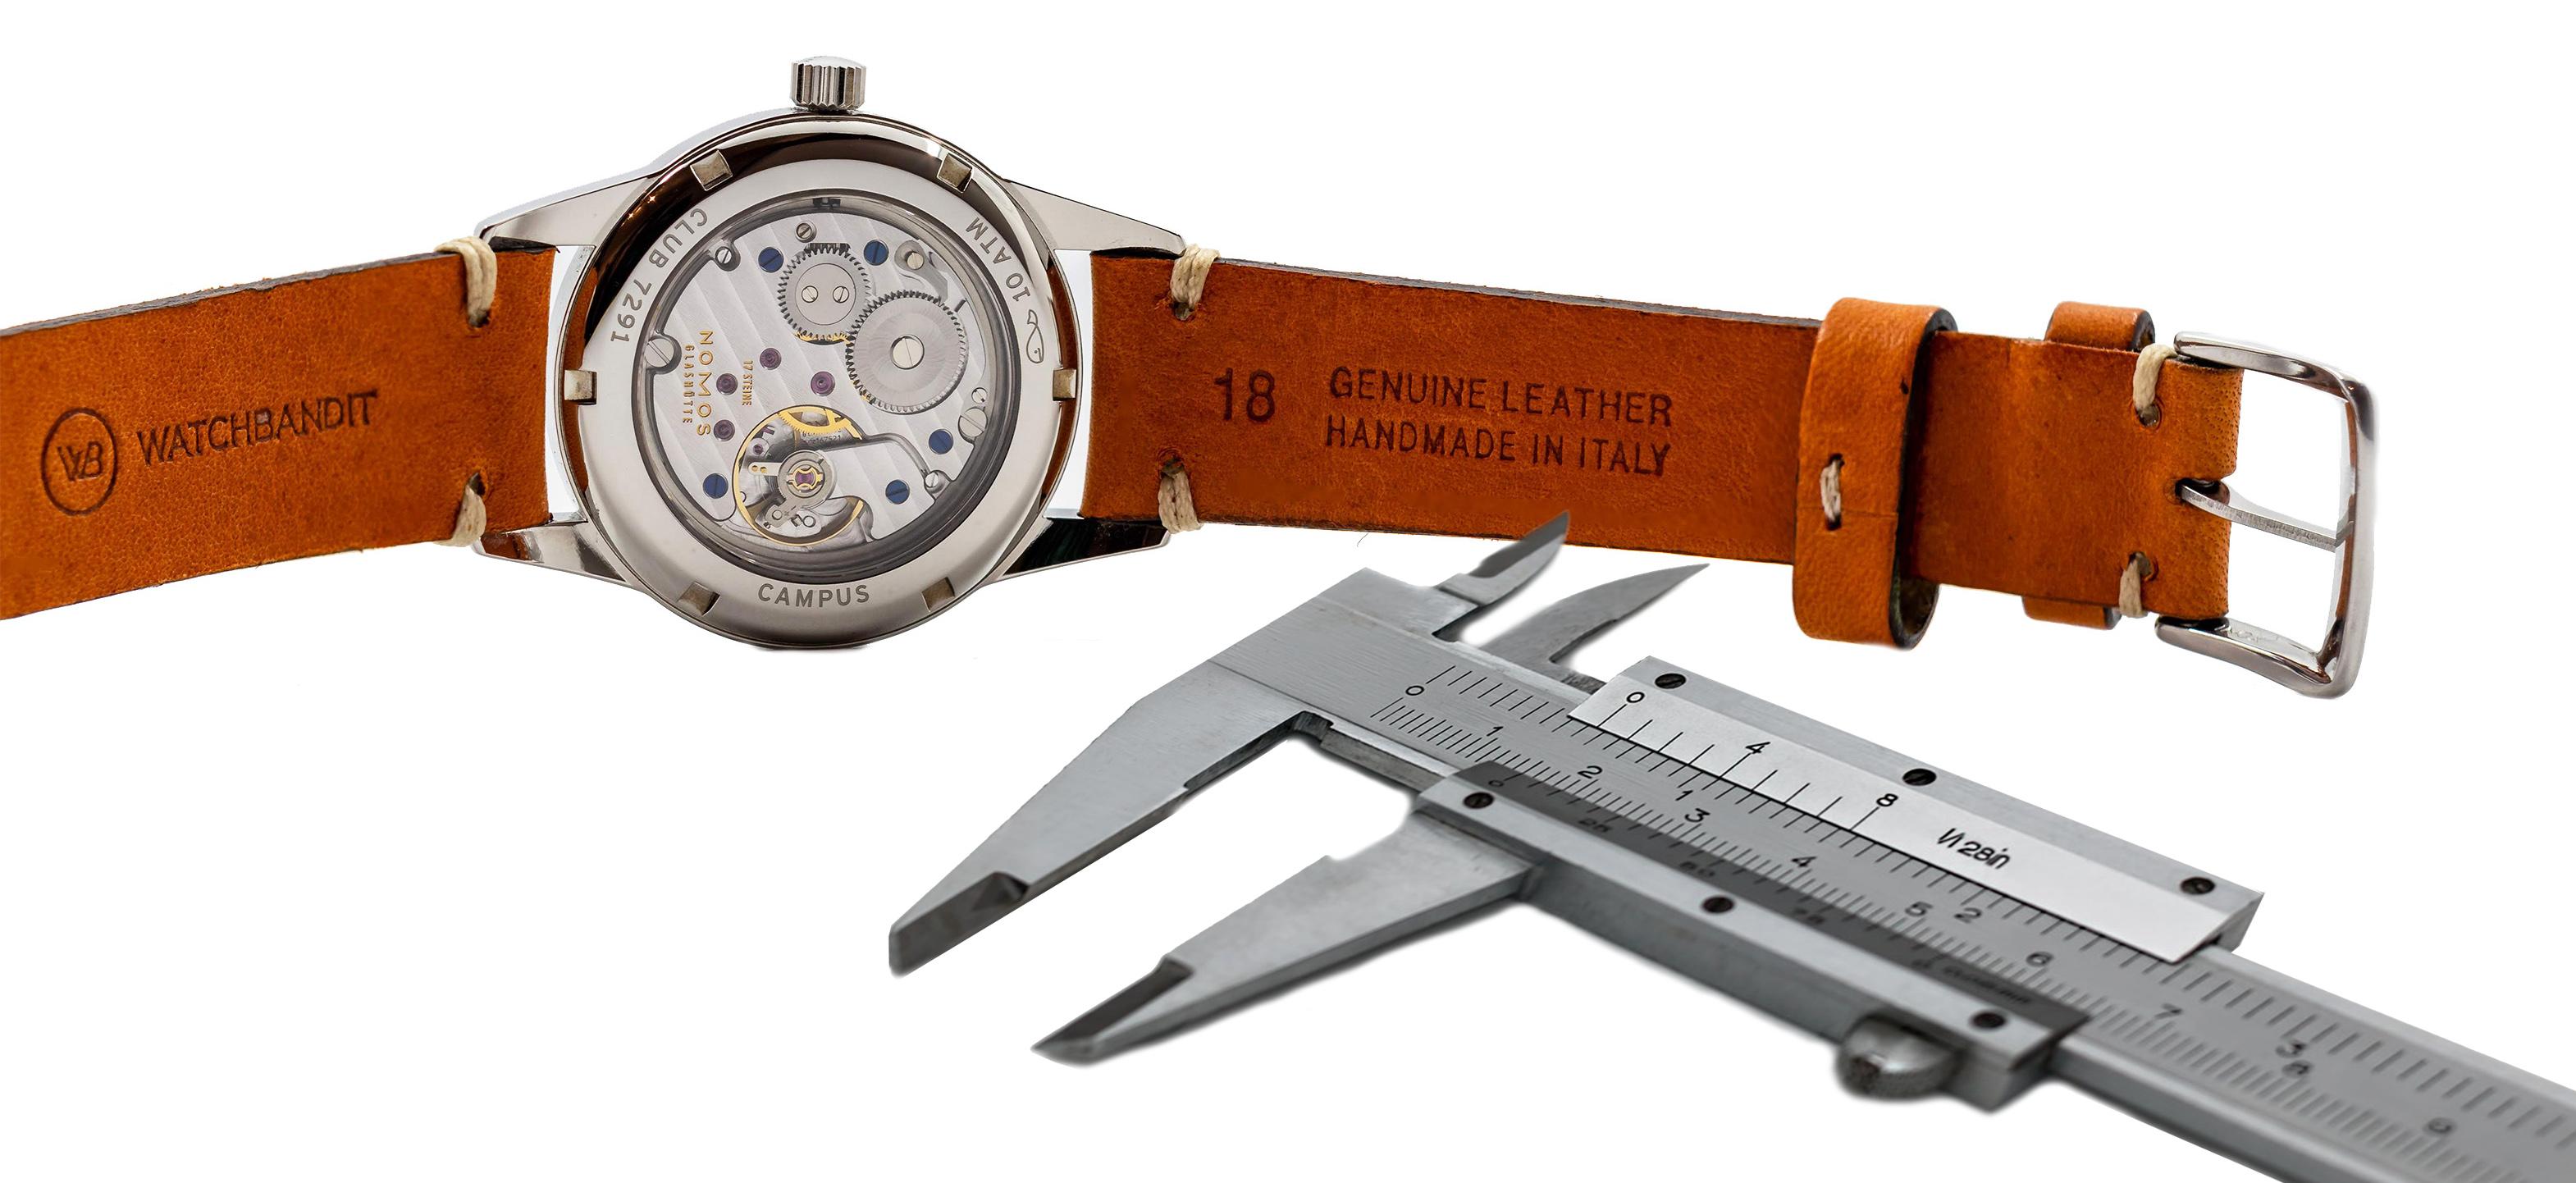 Messung der Stegbreite an einer Nomos Club 18mm vintage Leder Uhrenarmband